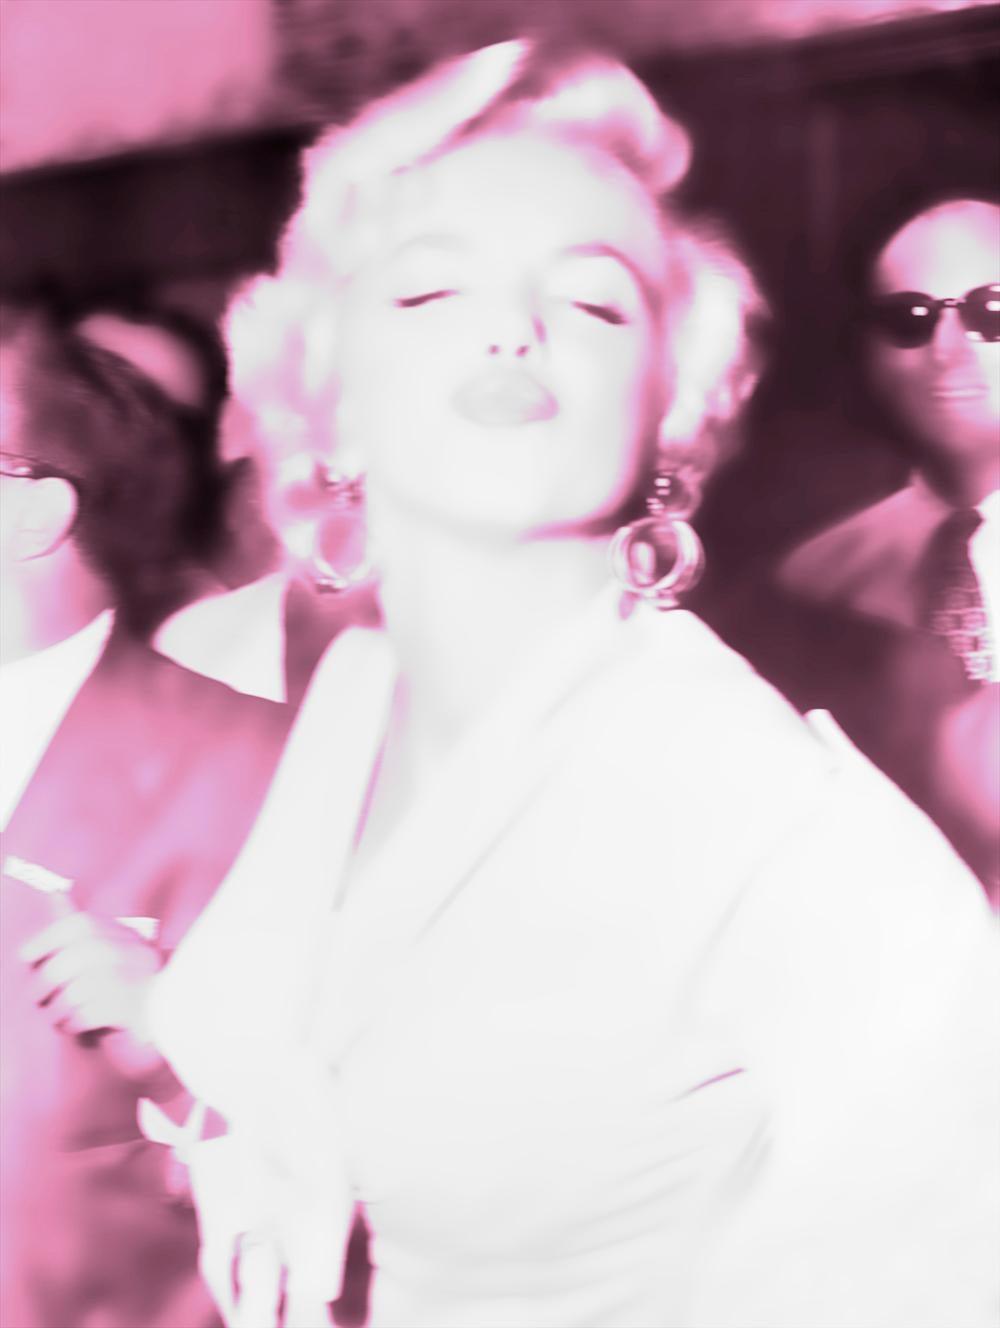 Starlight Starbright I - Marilyn Monroe signed limited edition - Pop Art